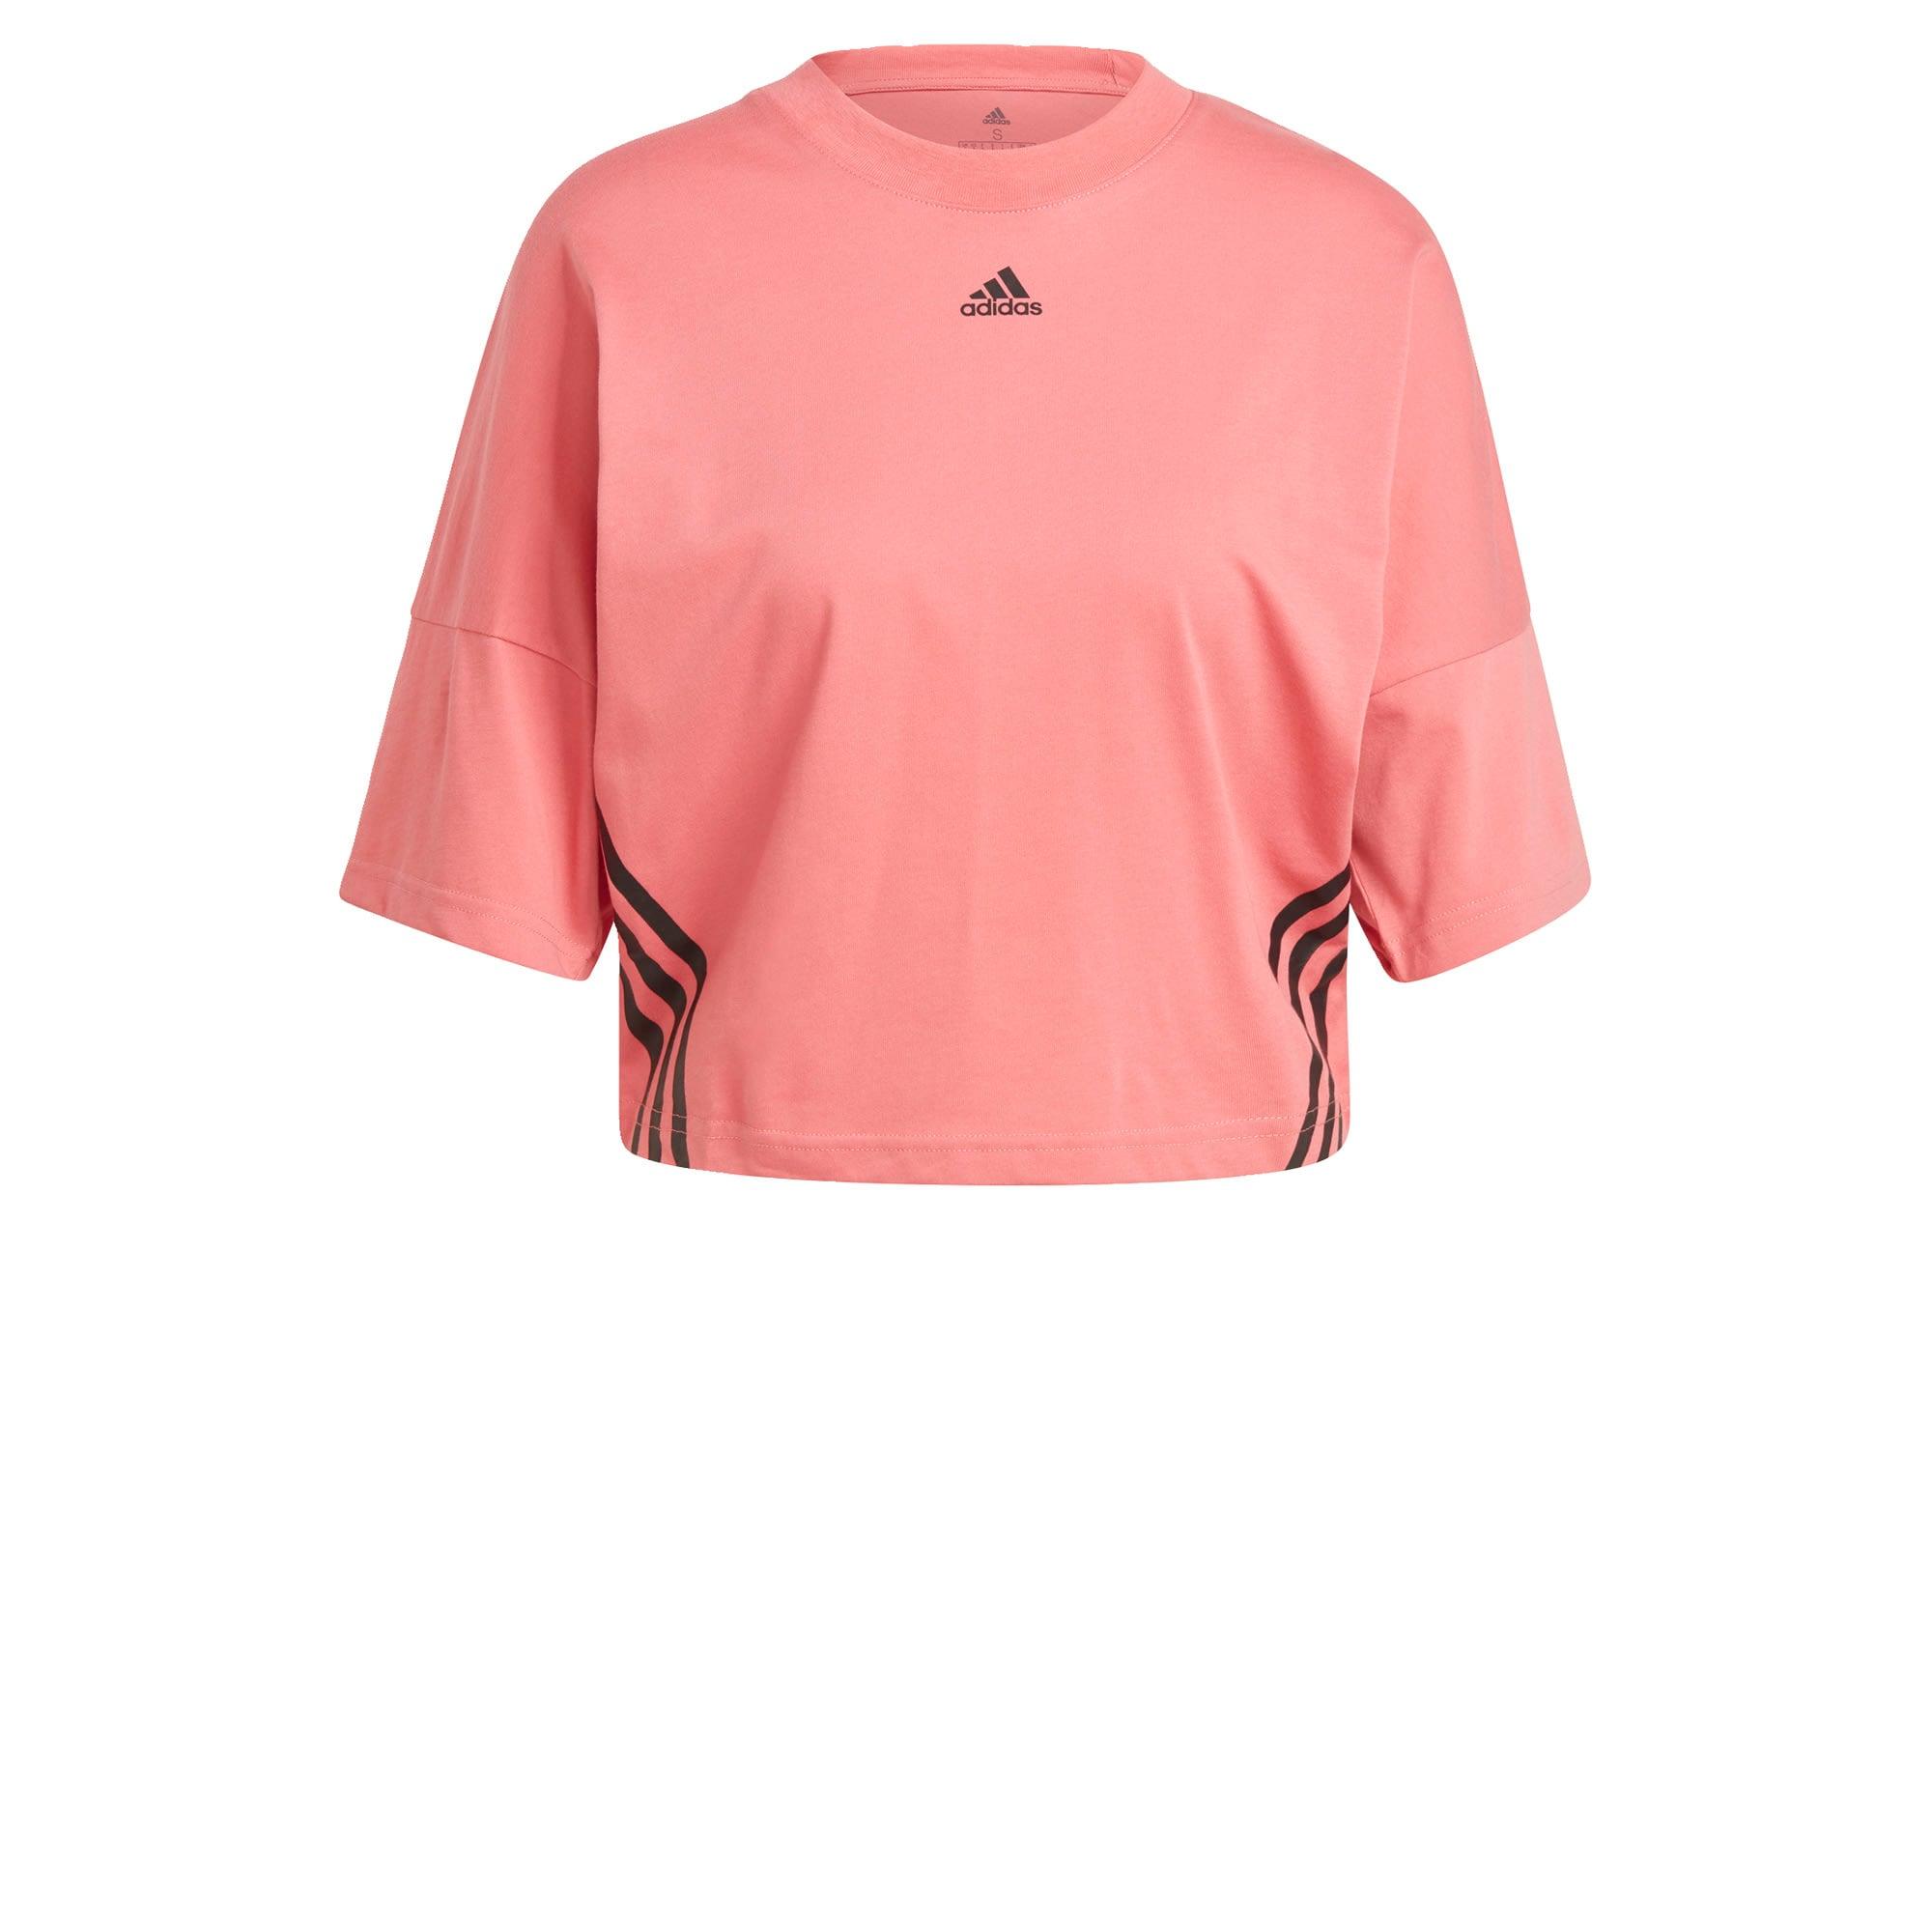 ADIDAS PERFORMANCE Sportiniai marškinėliai ryškiai rožinė spalva / juoda